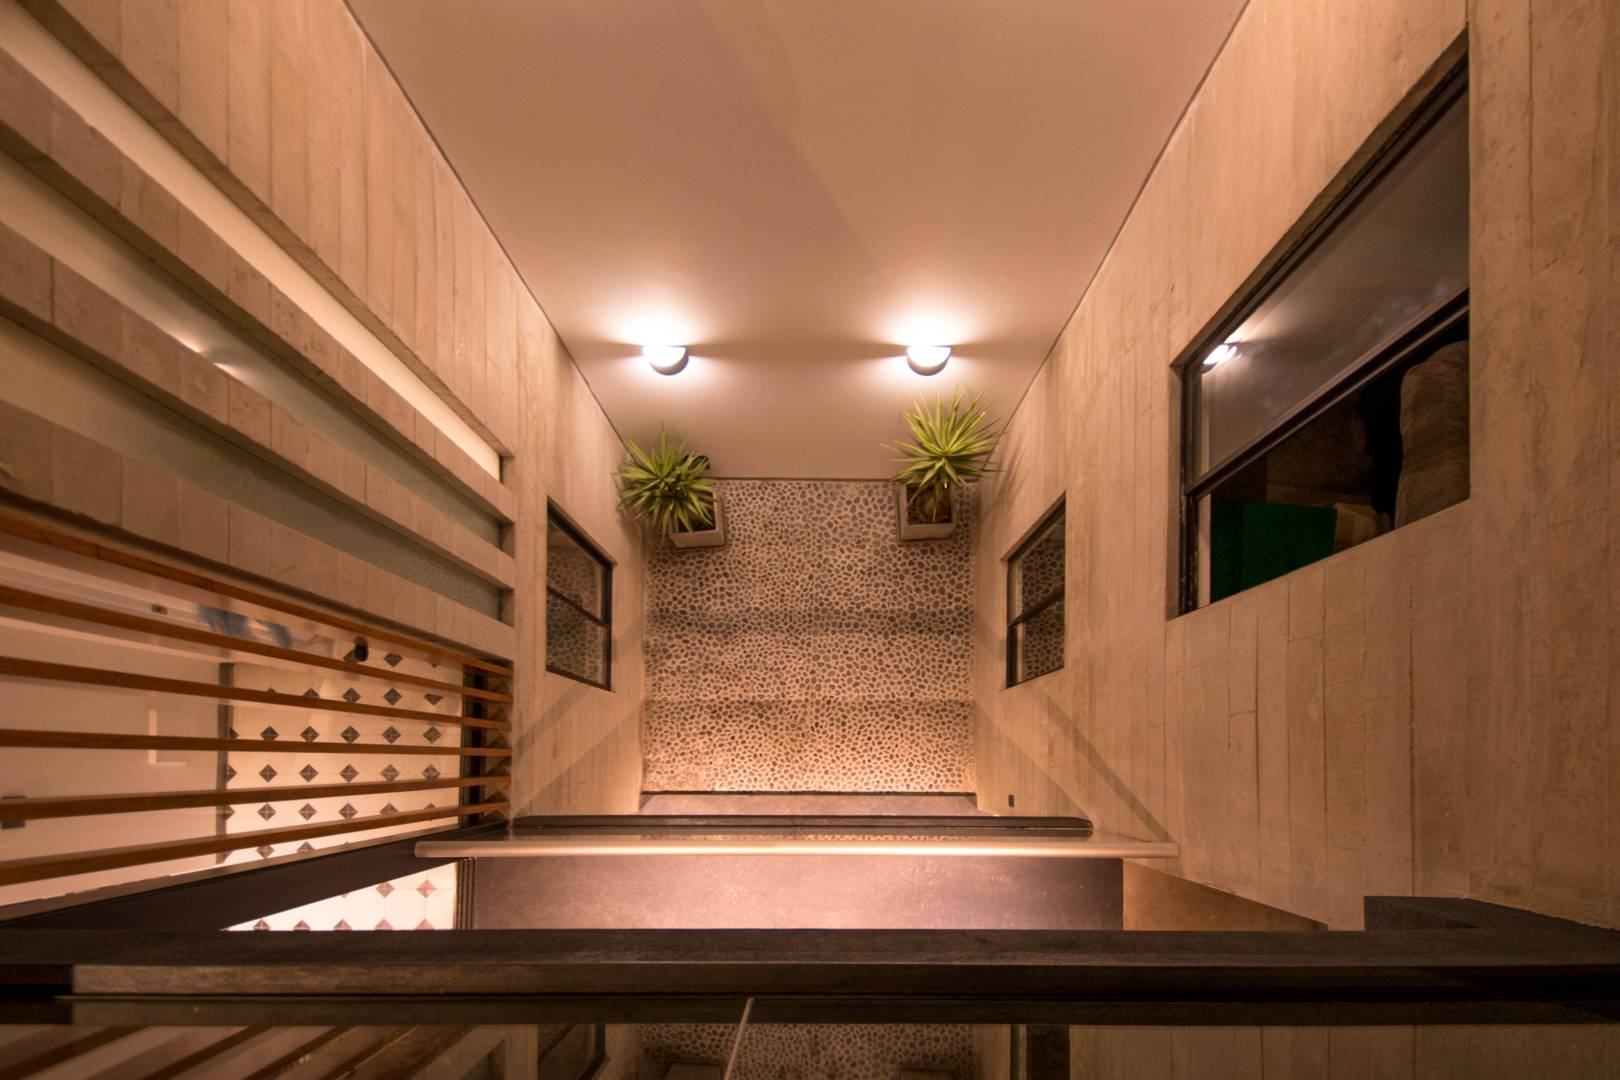 Casa S - Romo Arquitectos (91 of 94)